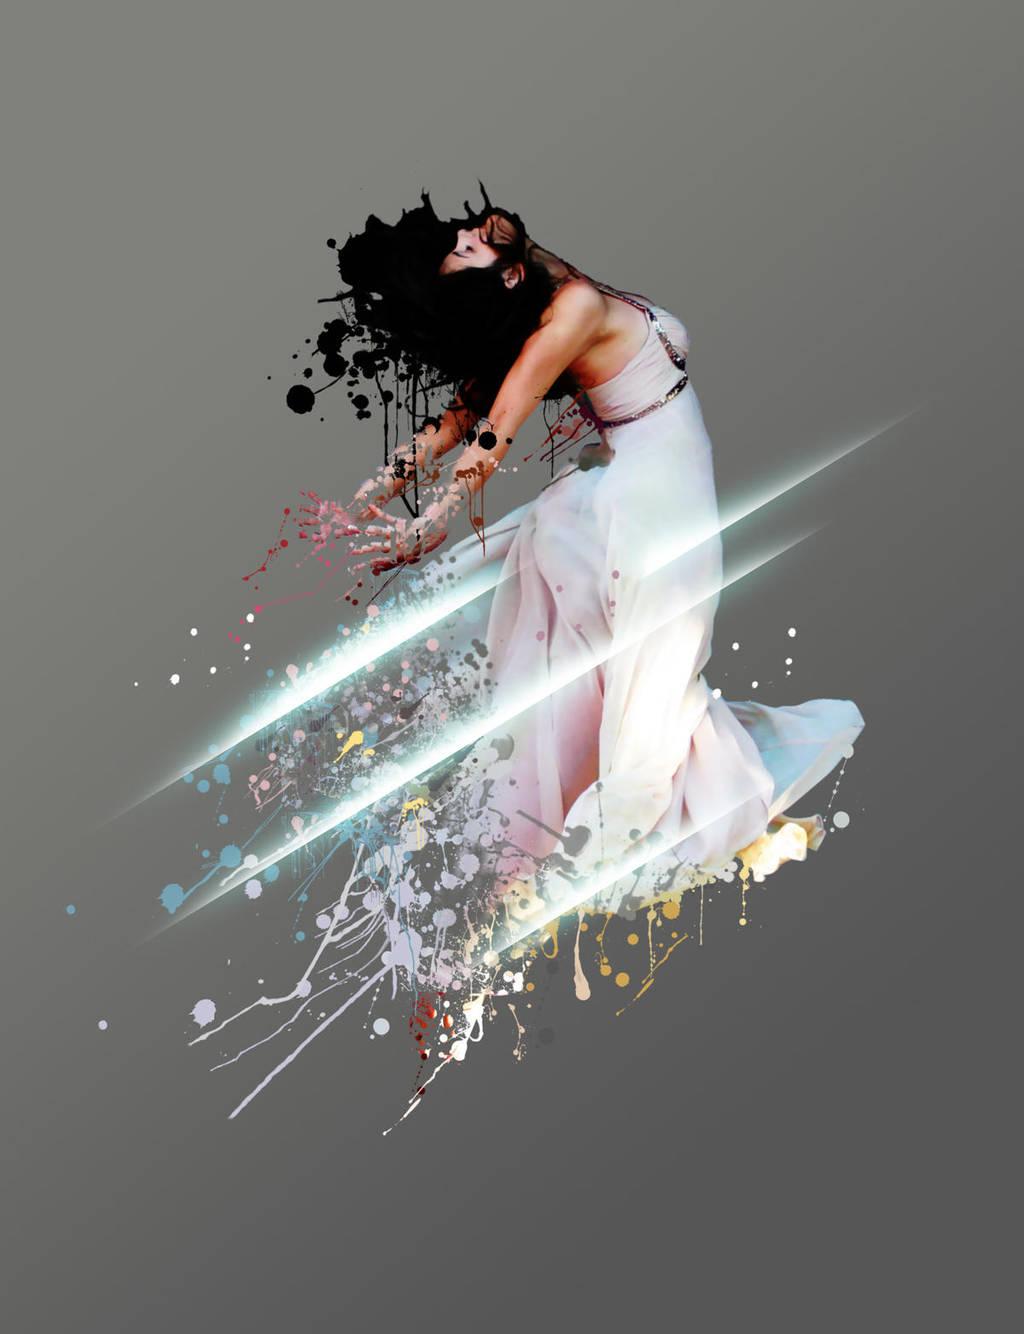 fly in paint by gw3n